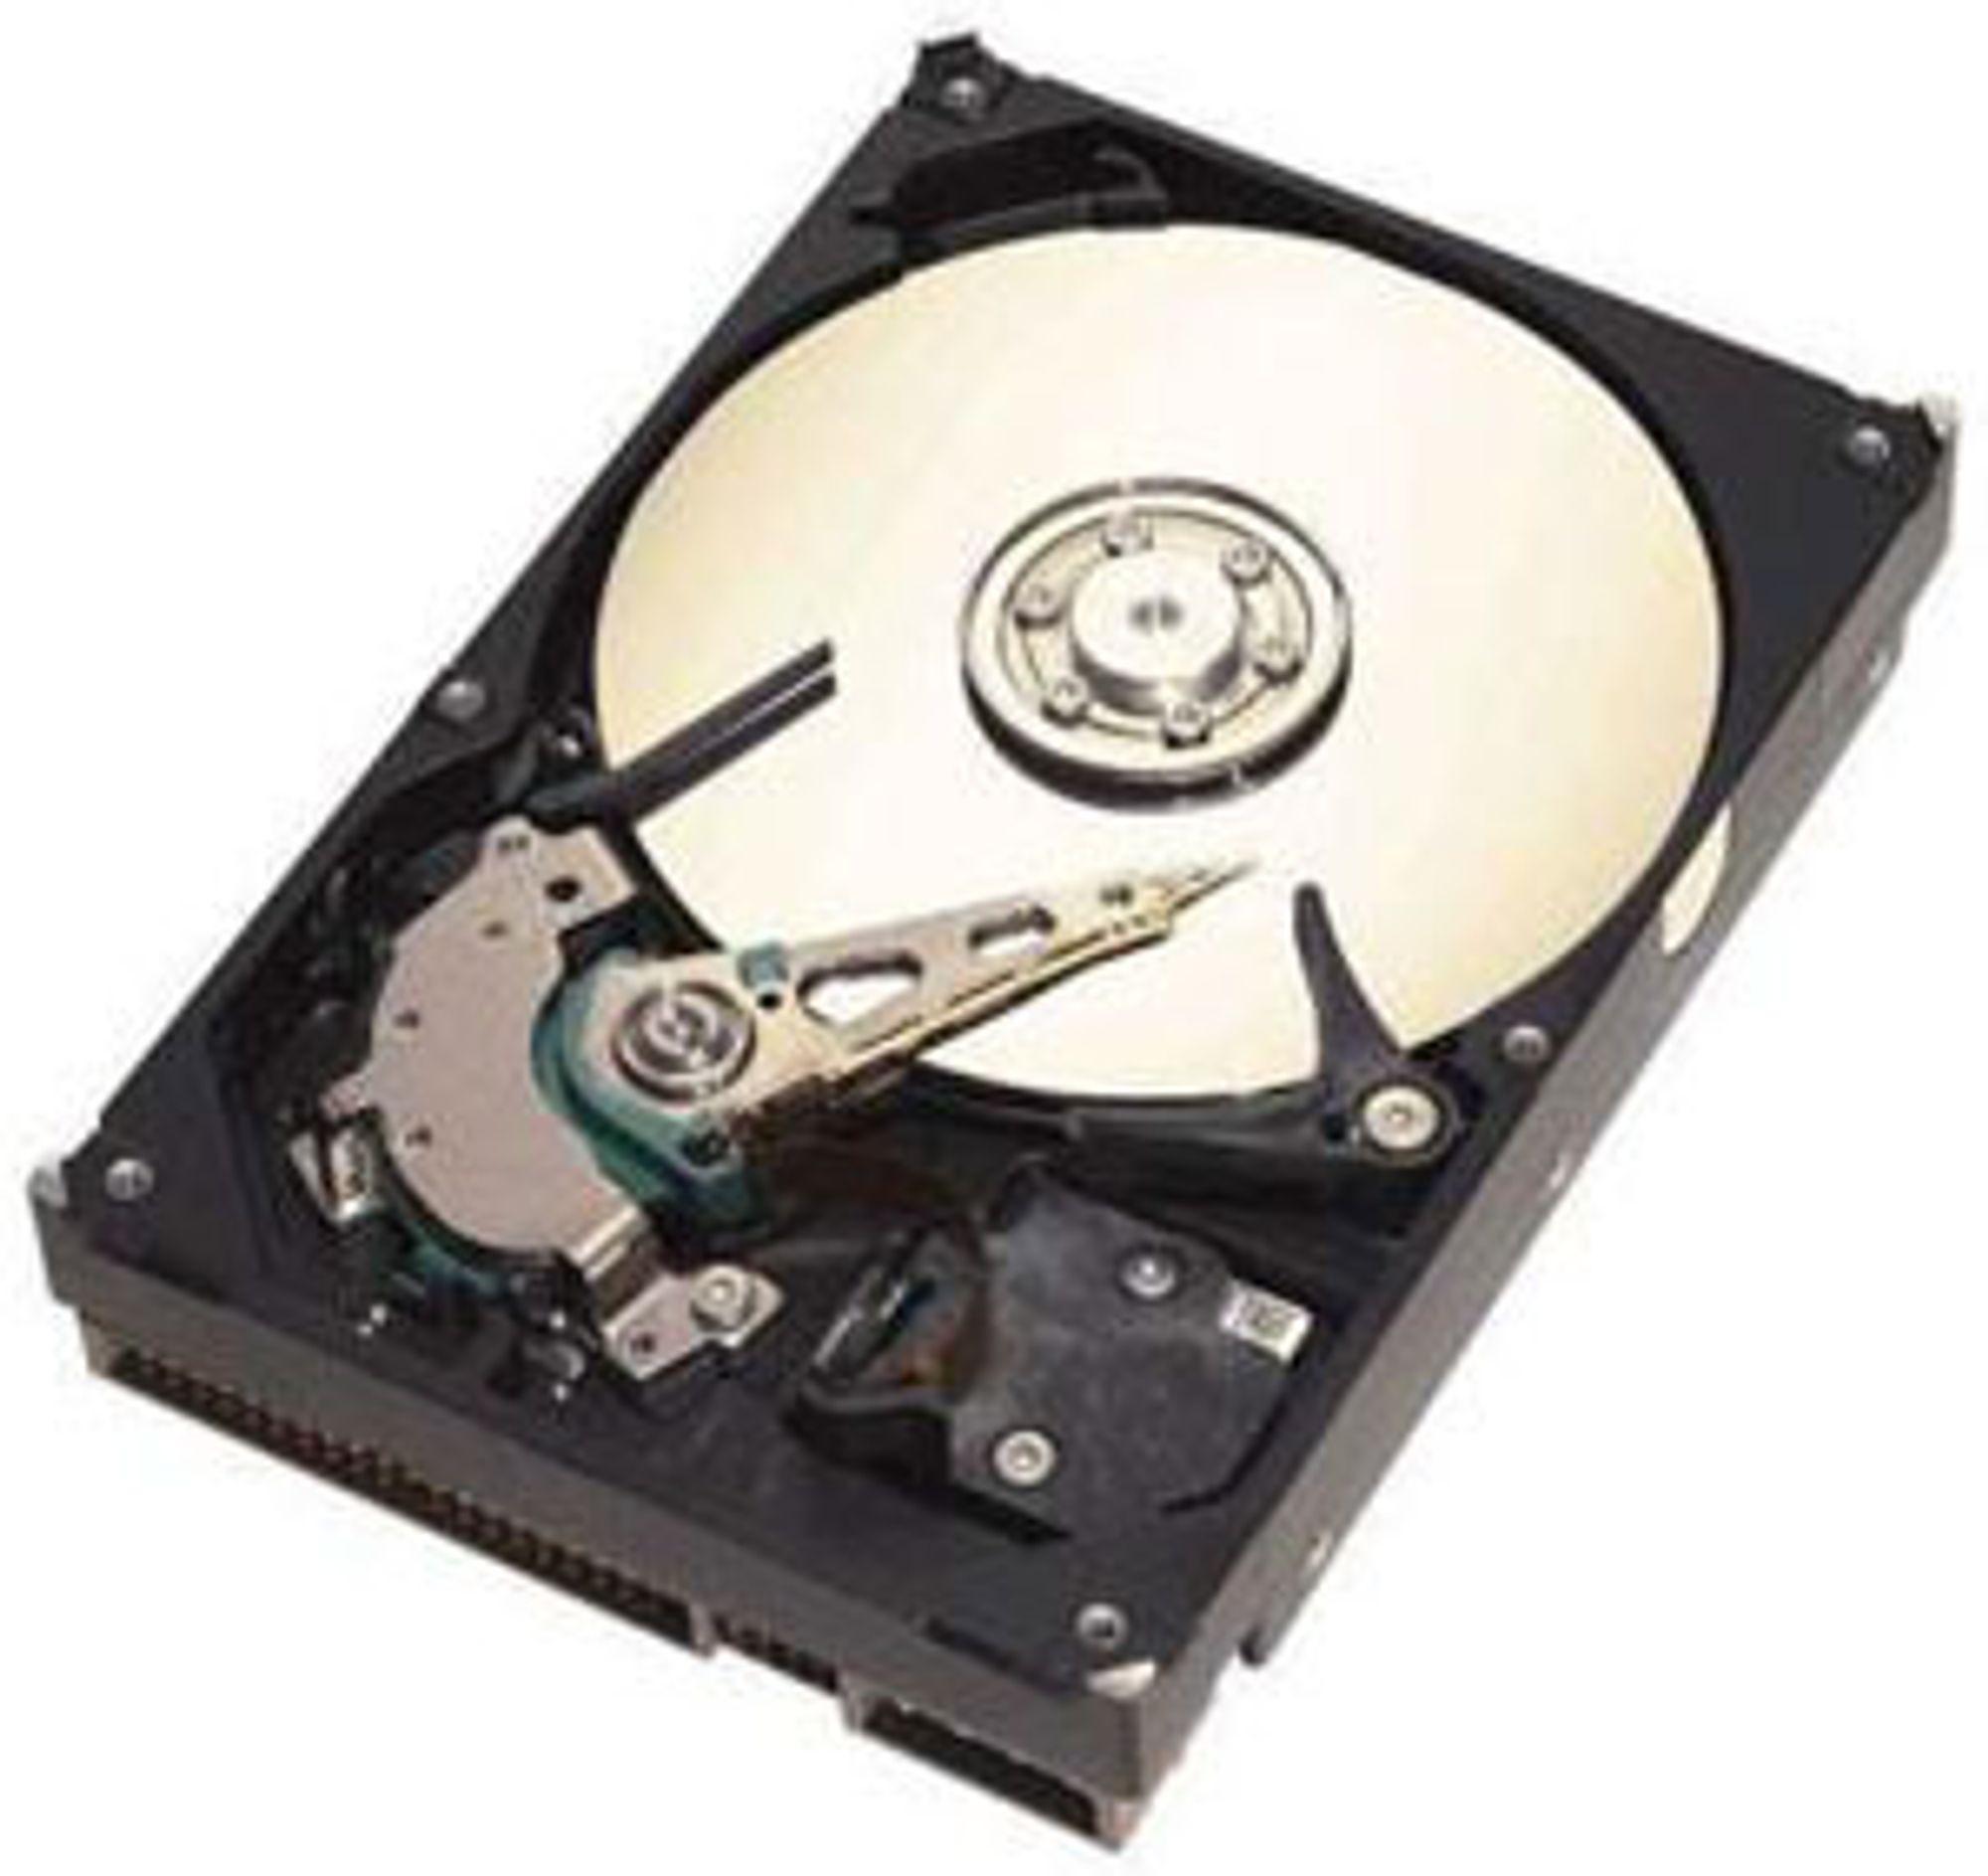 Nærmer seg terabyten